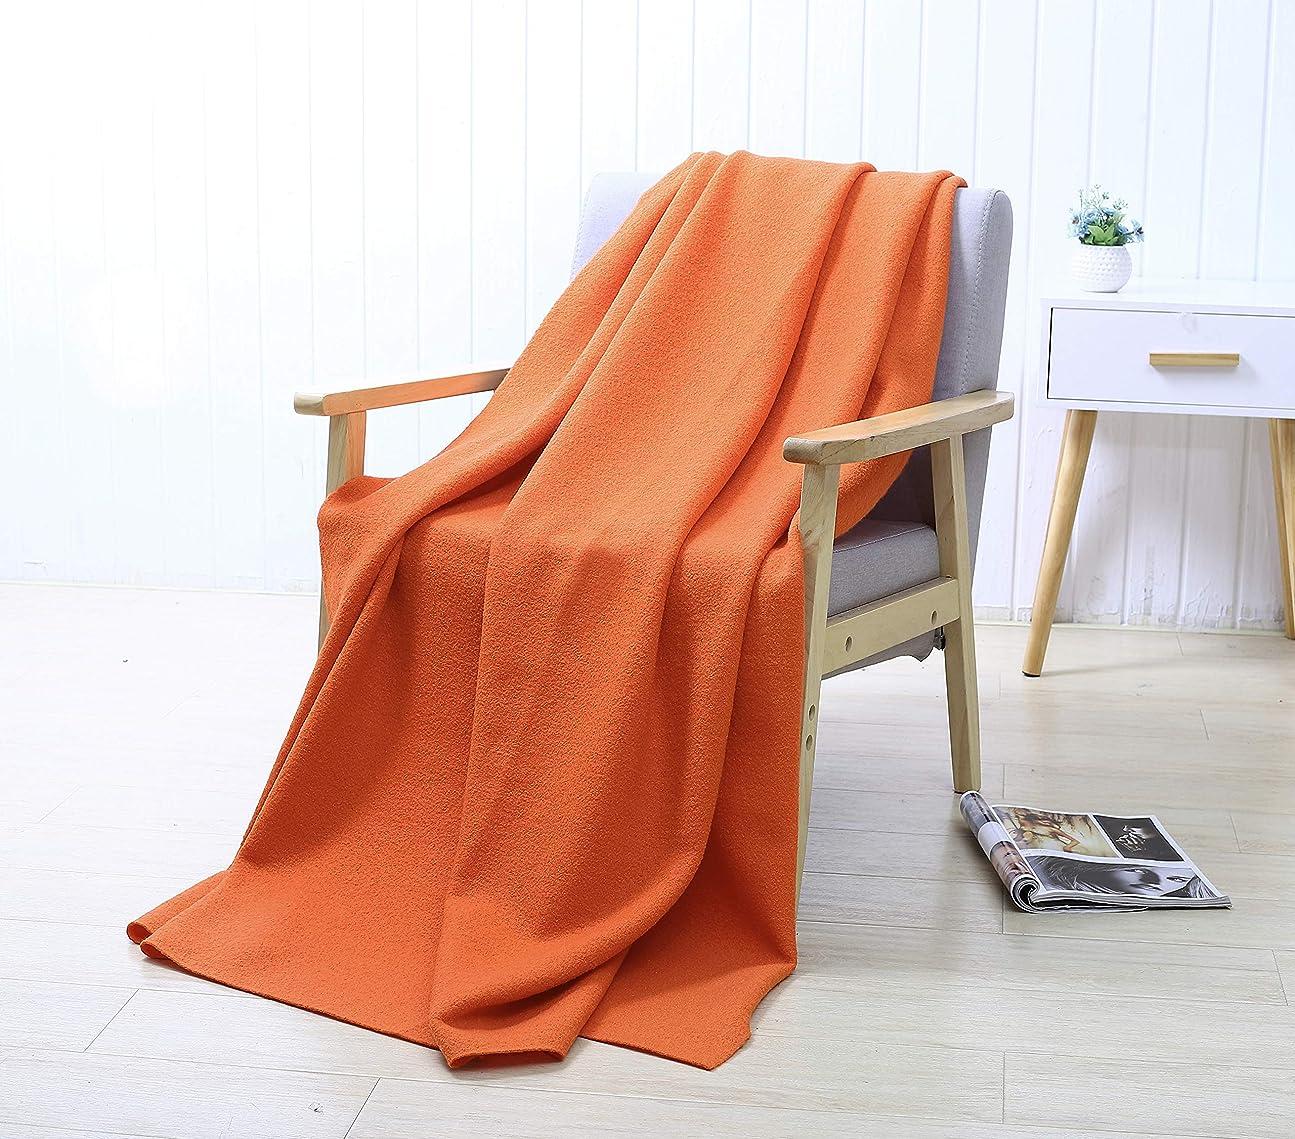 利点リアル嫌いPuTian Home - 100%オーストラリア産メリノウールブランケット‐ぬくぬくあったか純毛毛布‐オレンジ色‐140 X 178cm